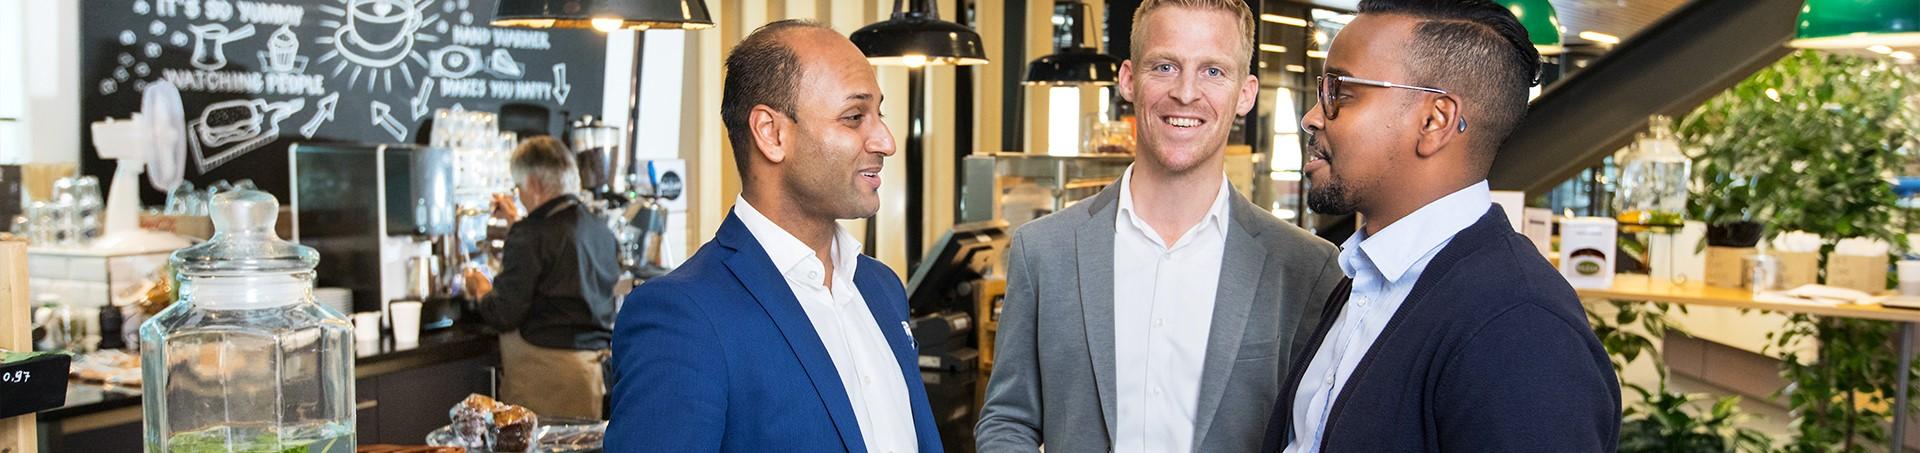 Drie mannelijke collega's in gesprek in bedrijfsrestaurant